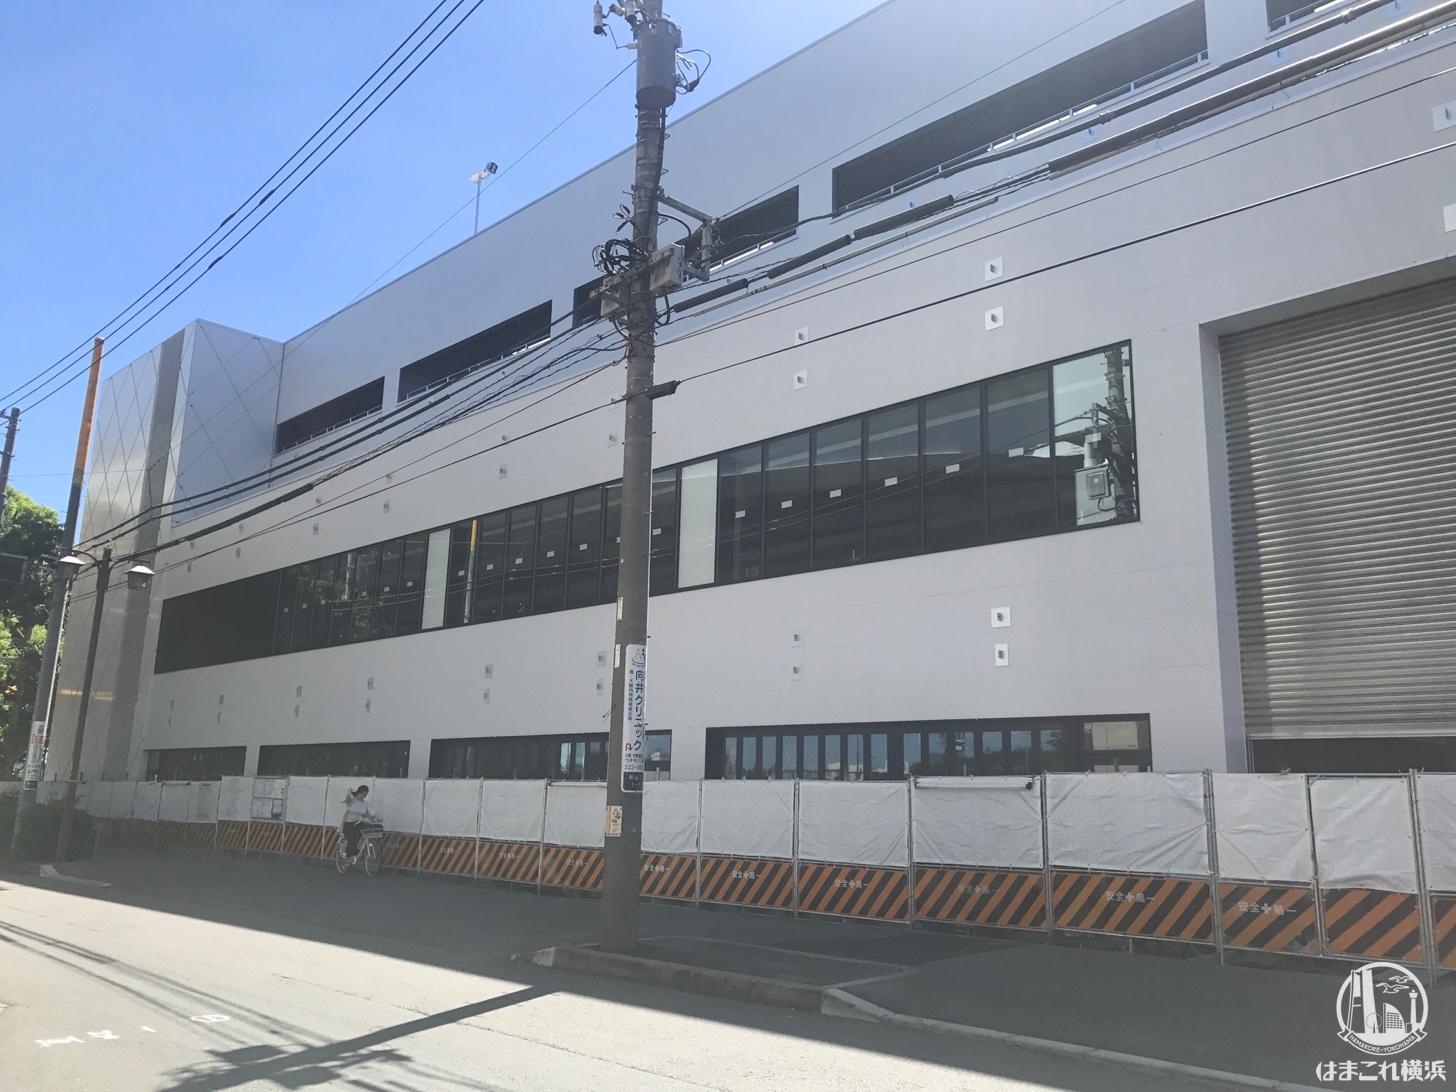 ドン・キホーテ山下公園店跡地 新施設